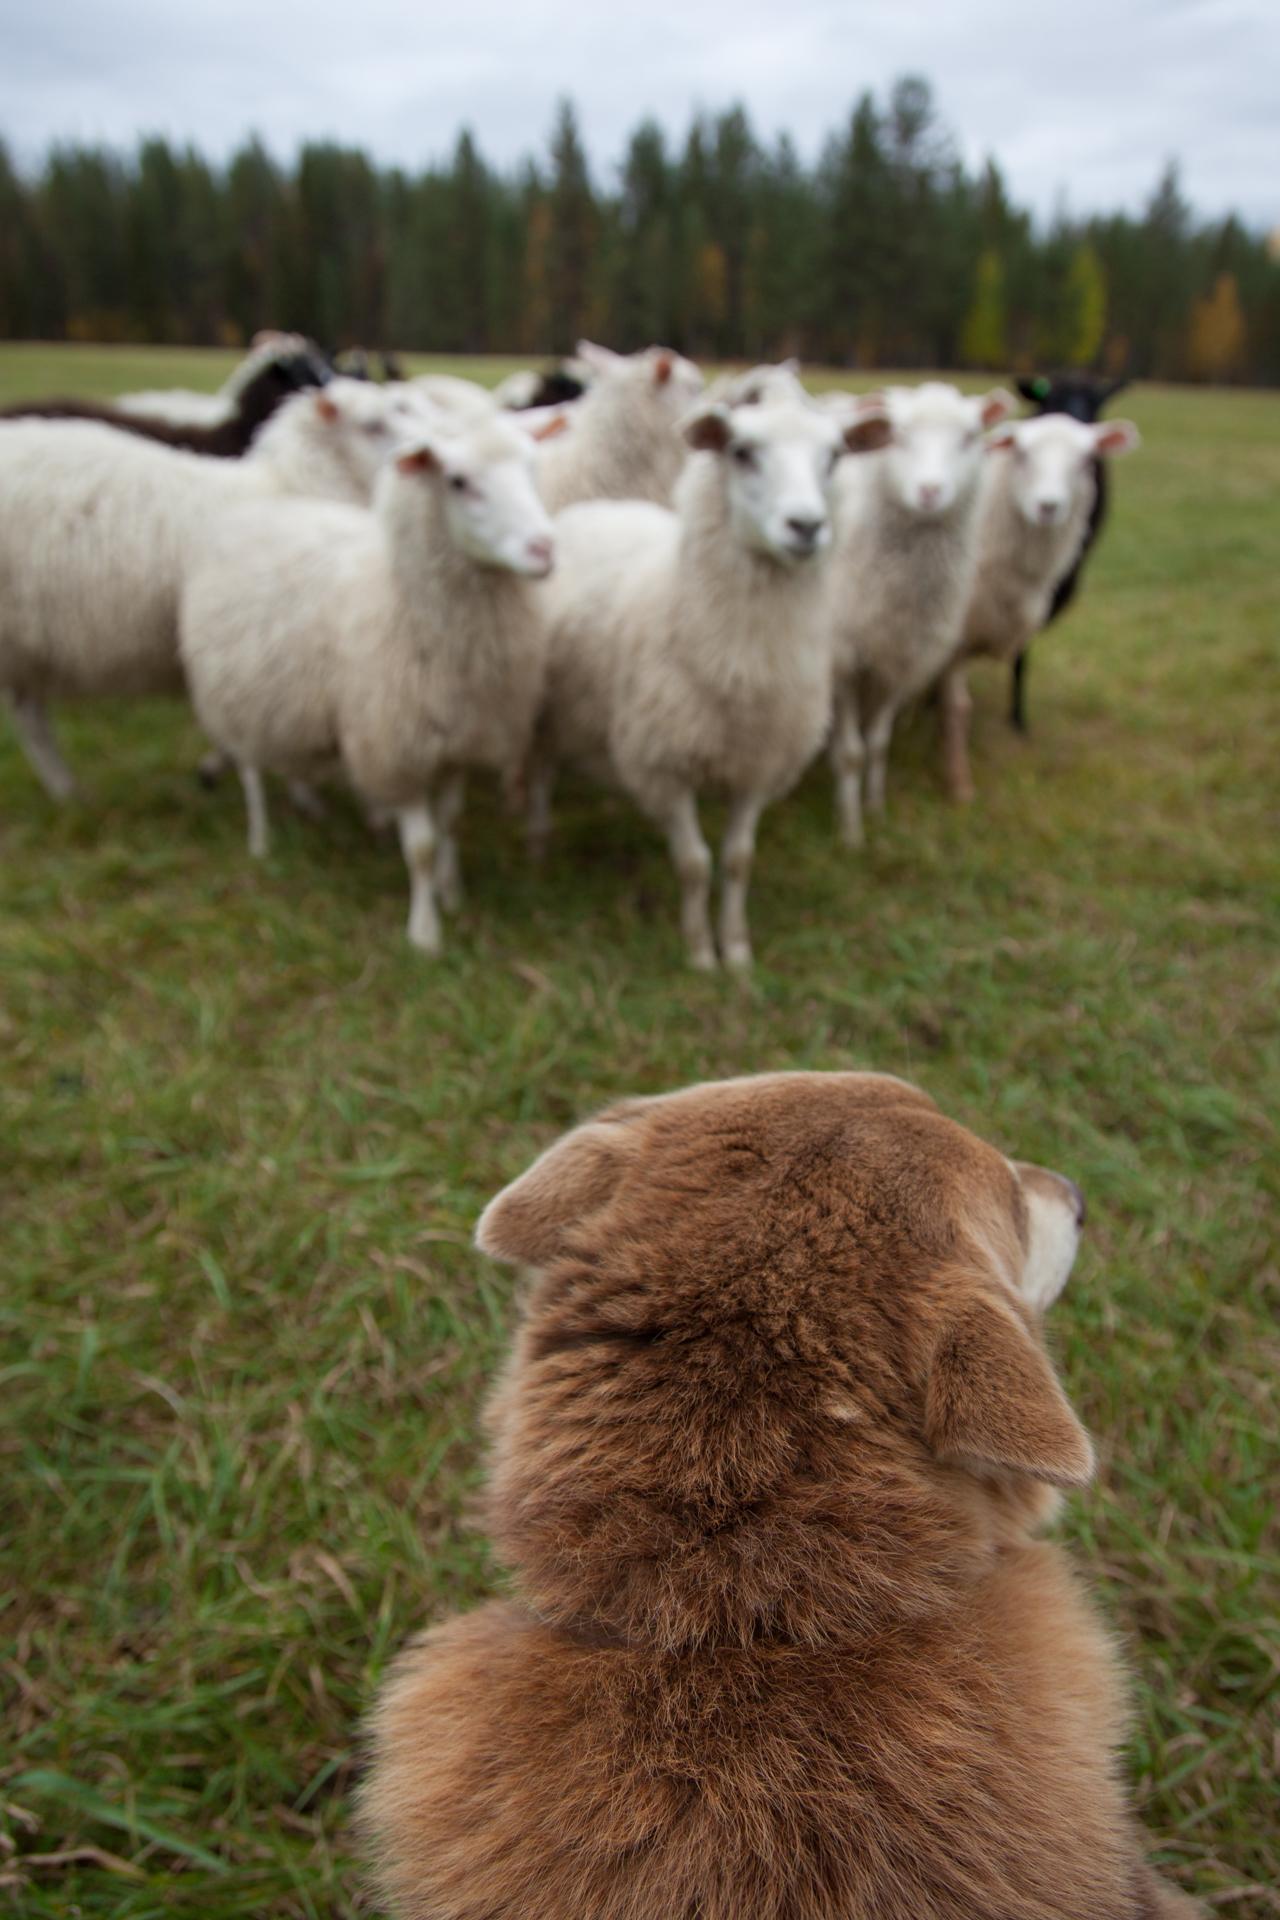 Monialaisuus mahdollistaa elämän maalla. Porokoira Majurikaan ei laske yhden kortin varaan, vaan koittaa ottaa haltuun myös lammaspuolen.